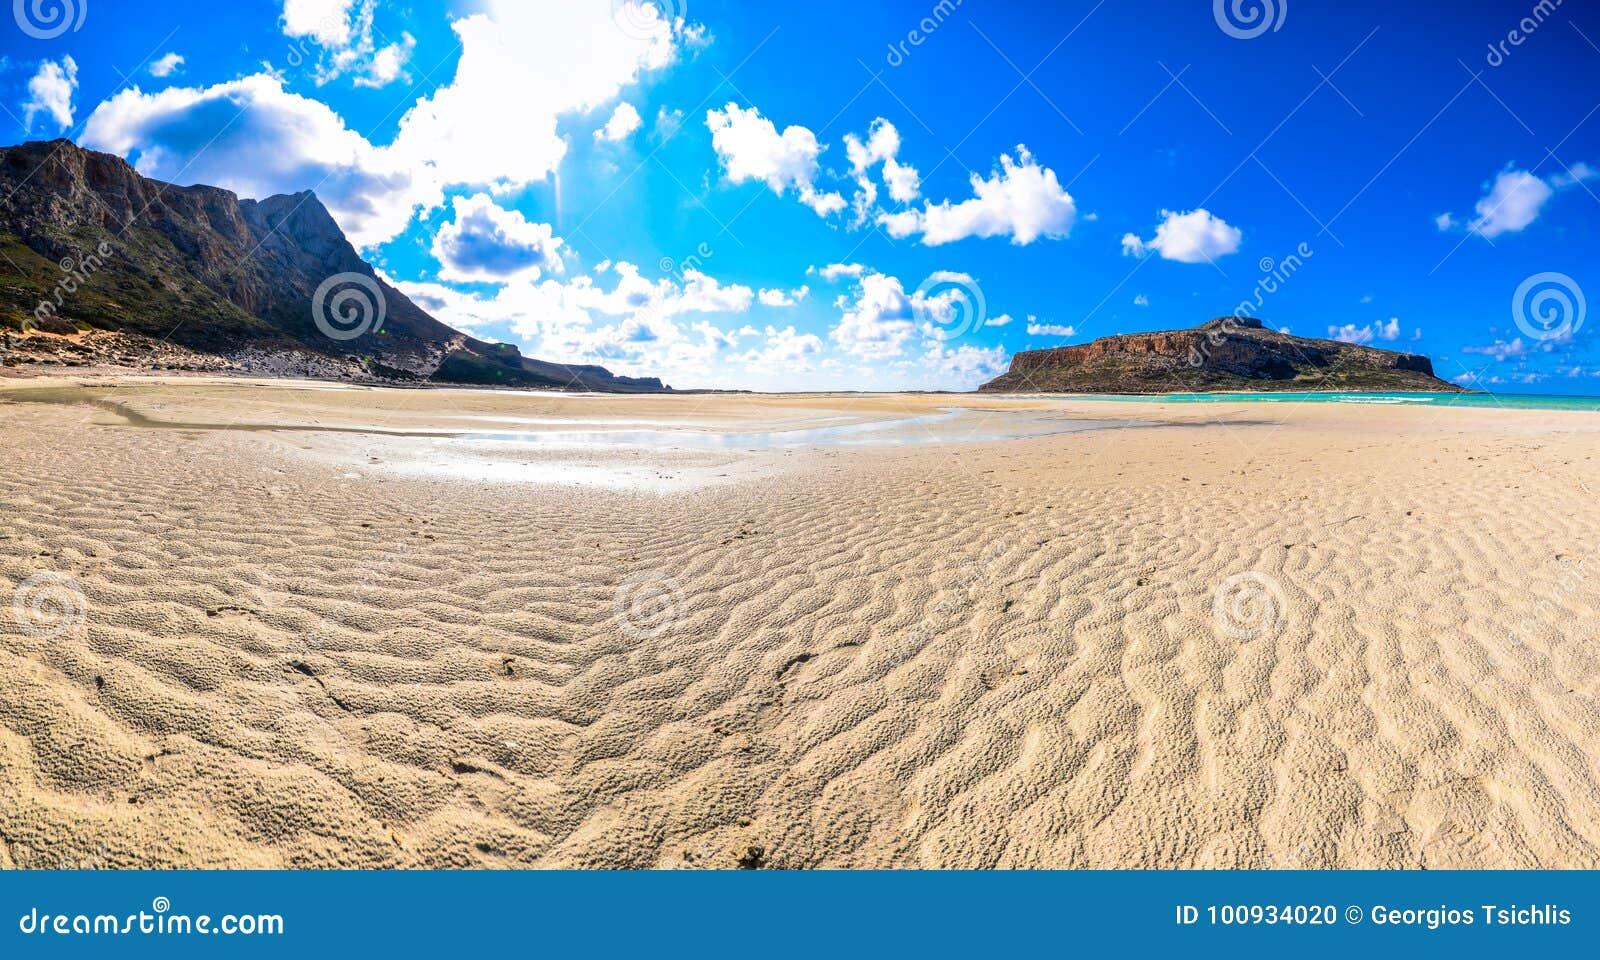 Erstaunliche Ansicht von Balos-Lagune mit magischen Türkiswasser, Lagunen, tropische Strände des Reinweißsandes und der Gramvousa